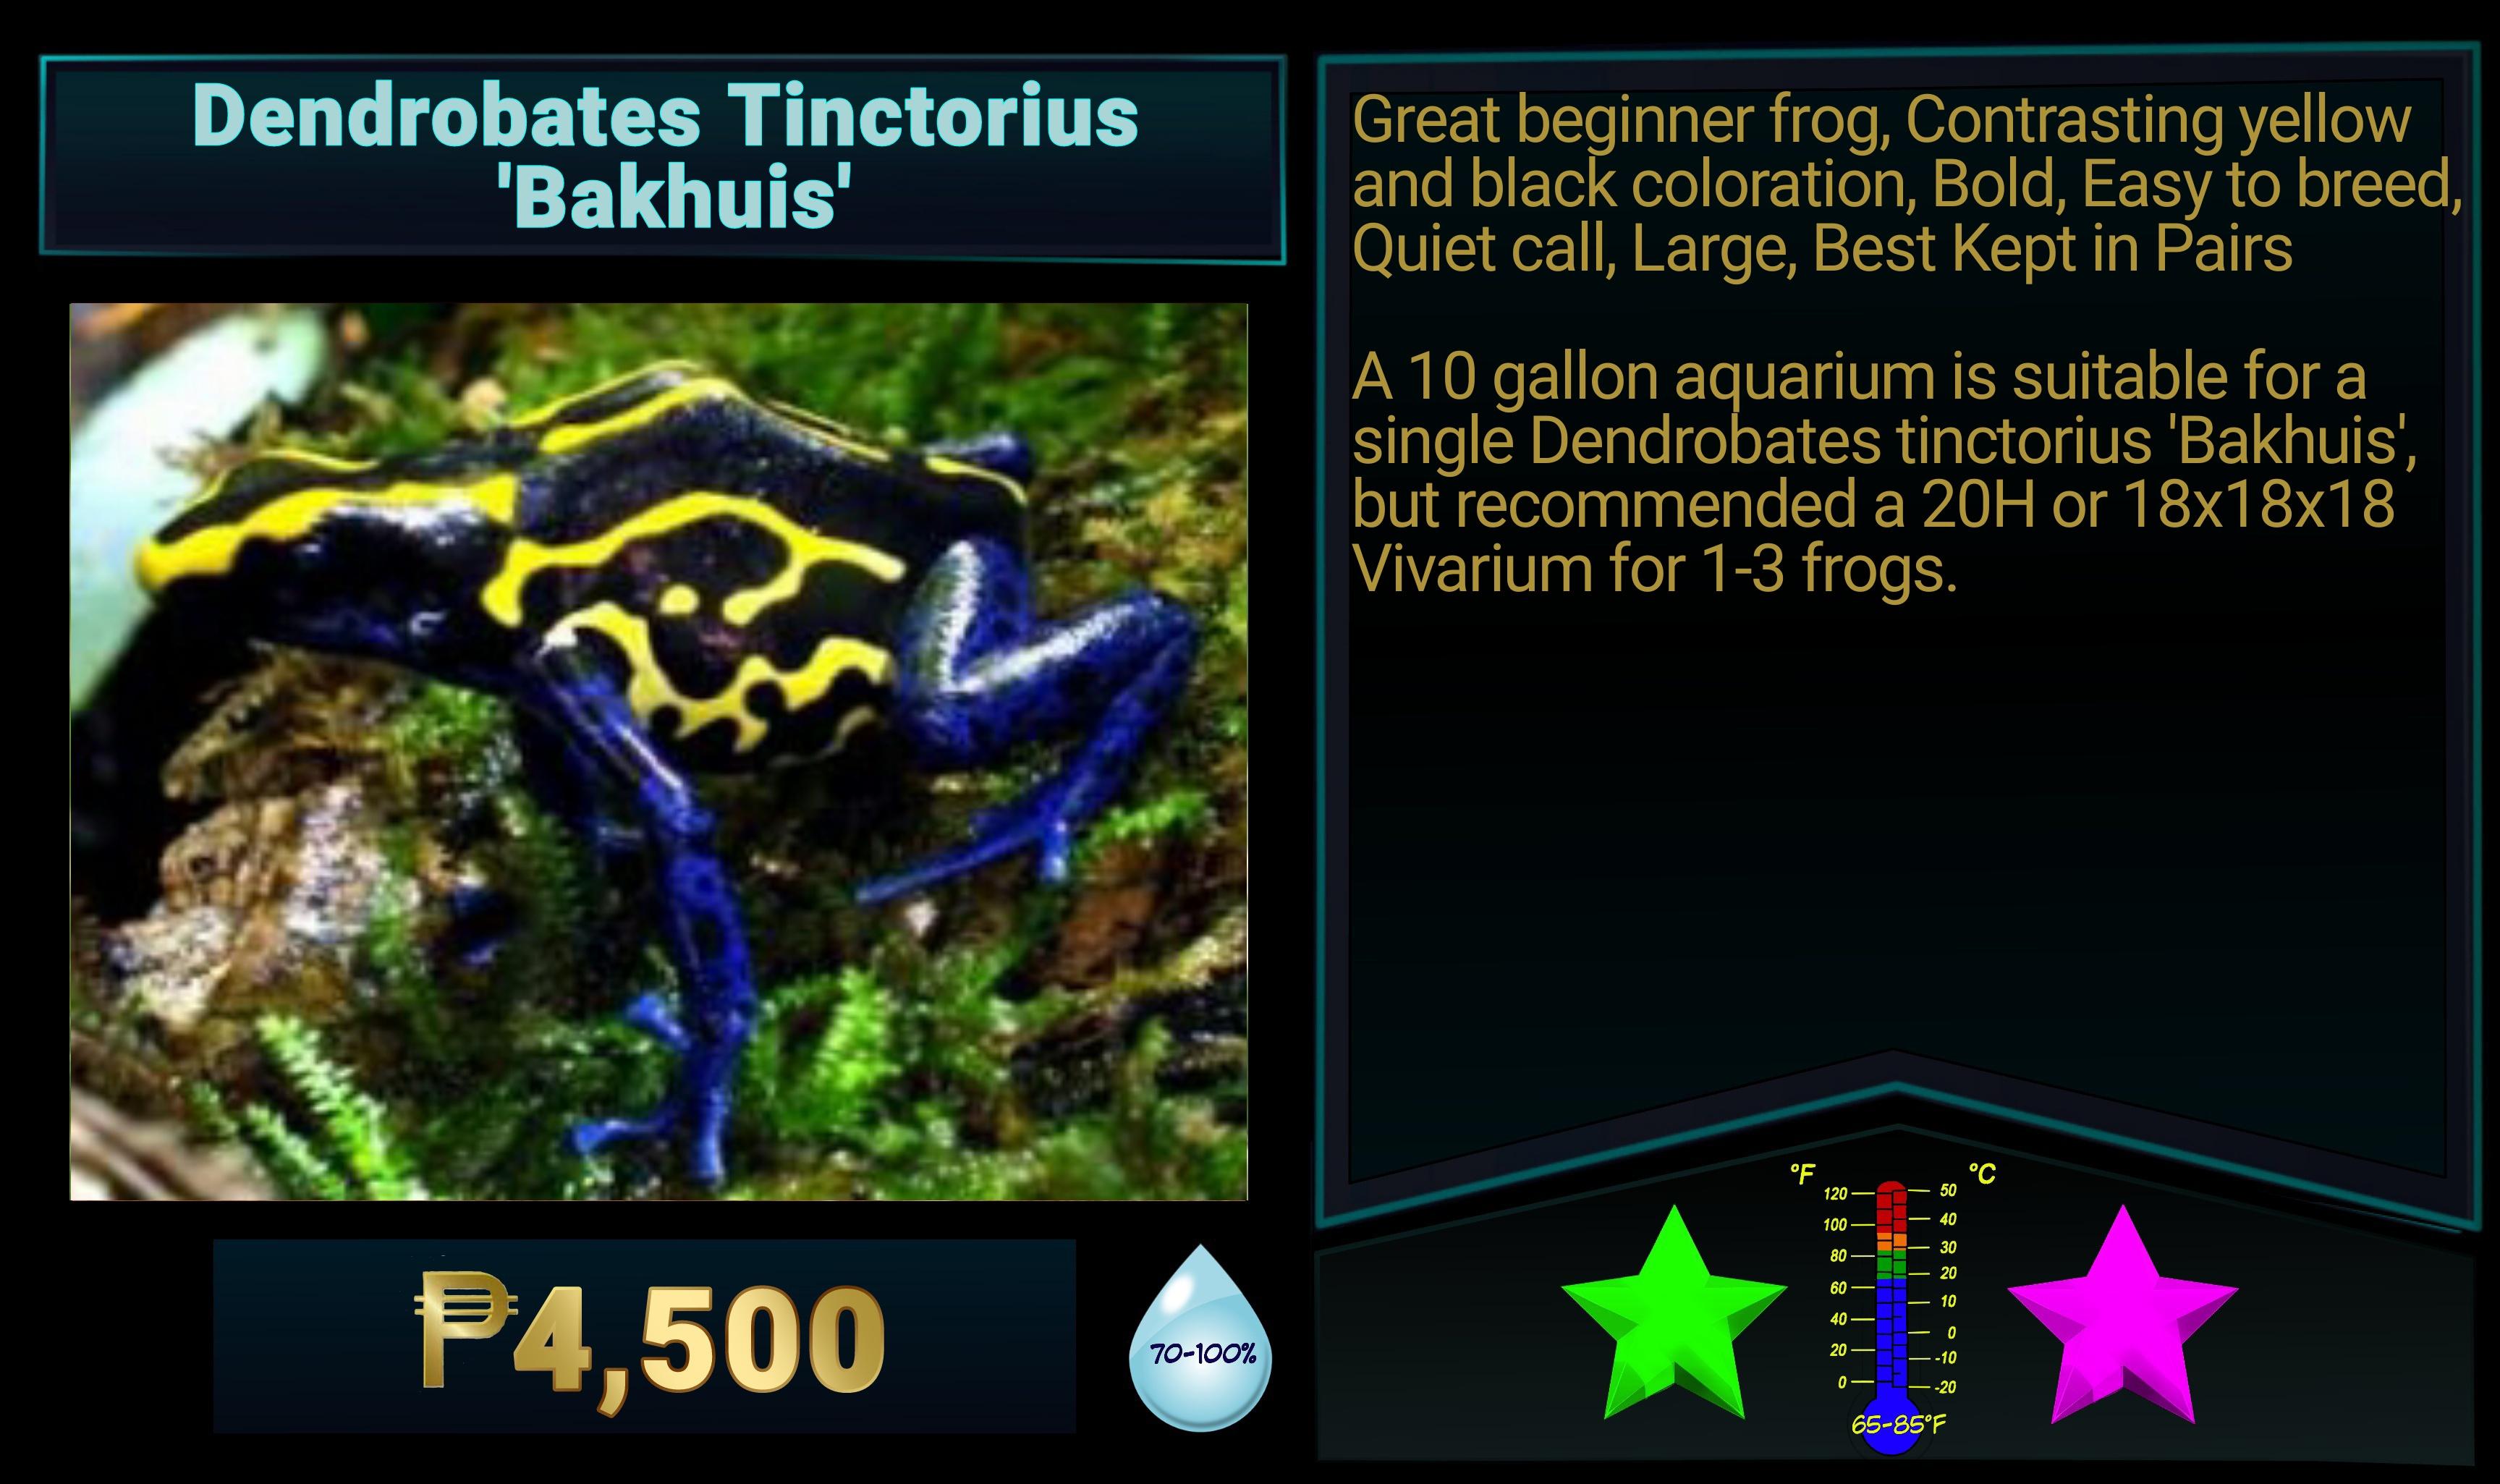 Dendrobates tinctorius Bakhuis